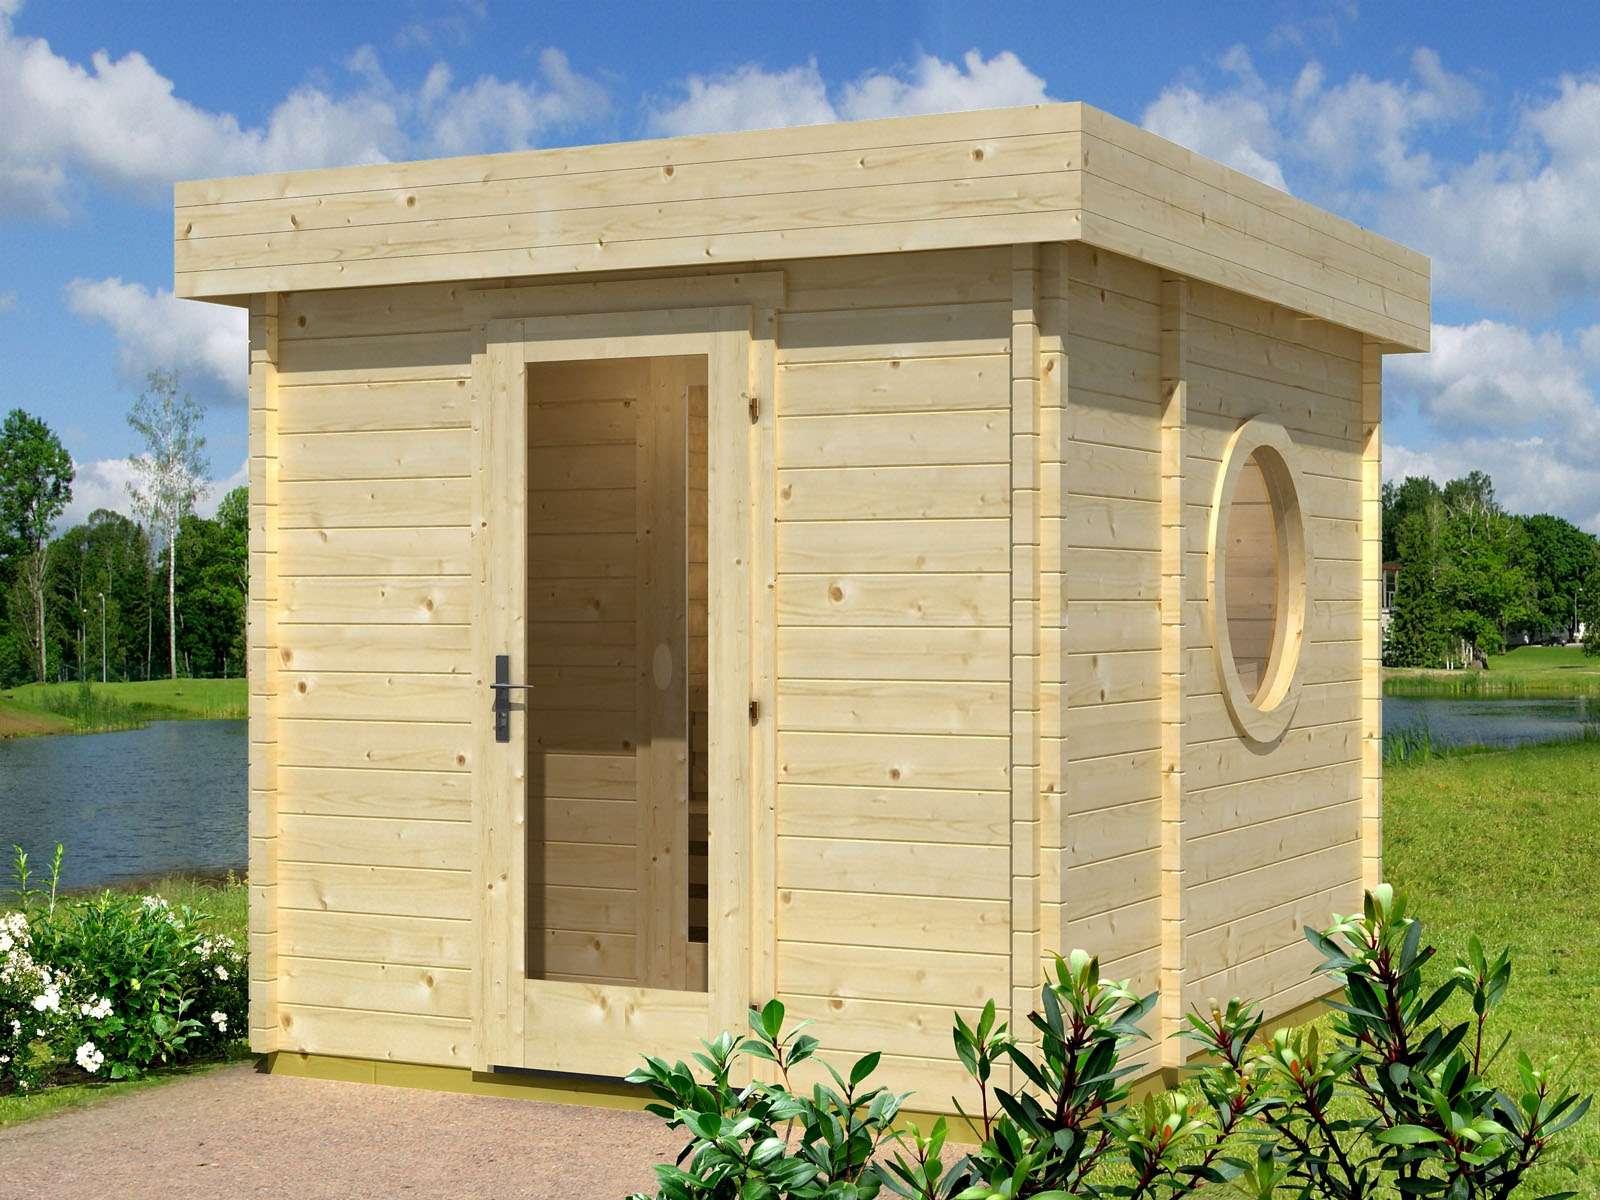 saunahaus kaufen energie spar sauna with saunahaus kaufen saunafass fass sauna kaufen von with. Black Bedroom Furniture Sets. Home Design Ideas